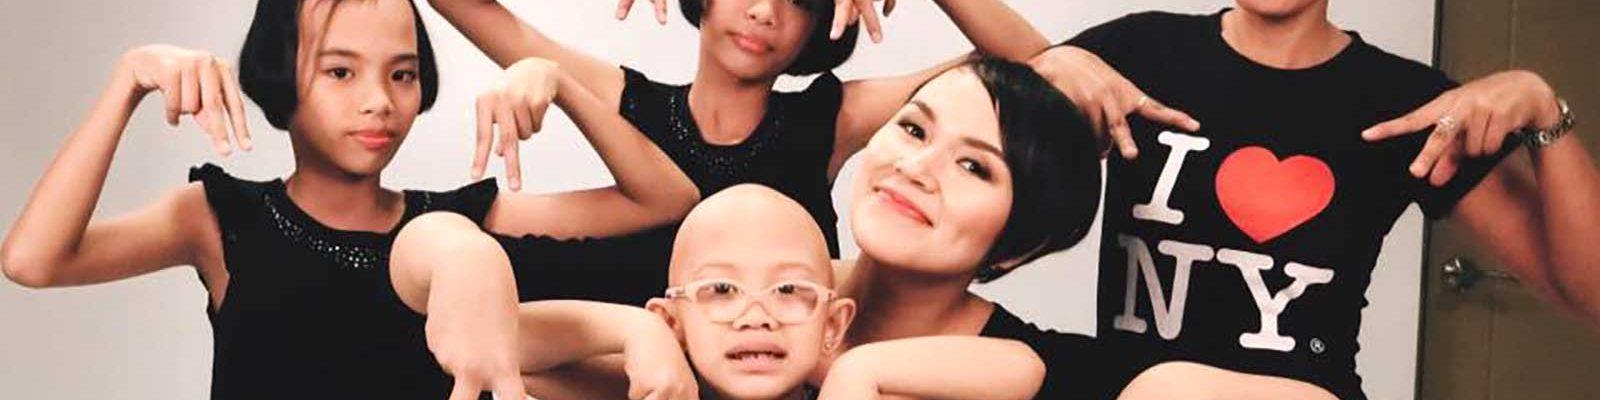 inverted V for alopecia